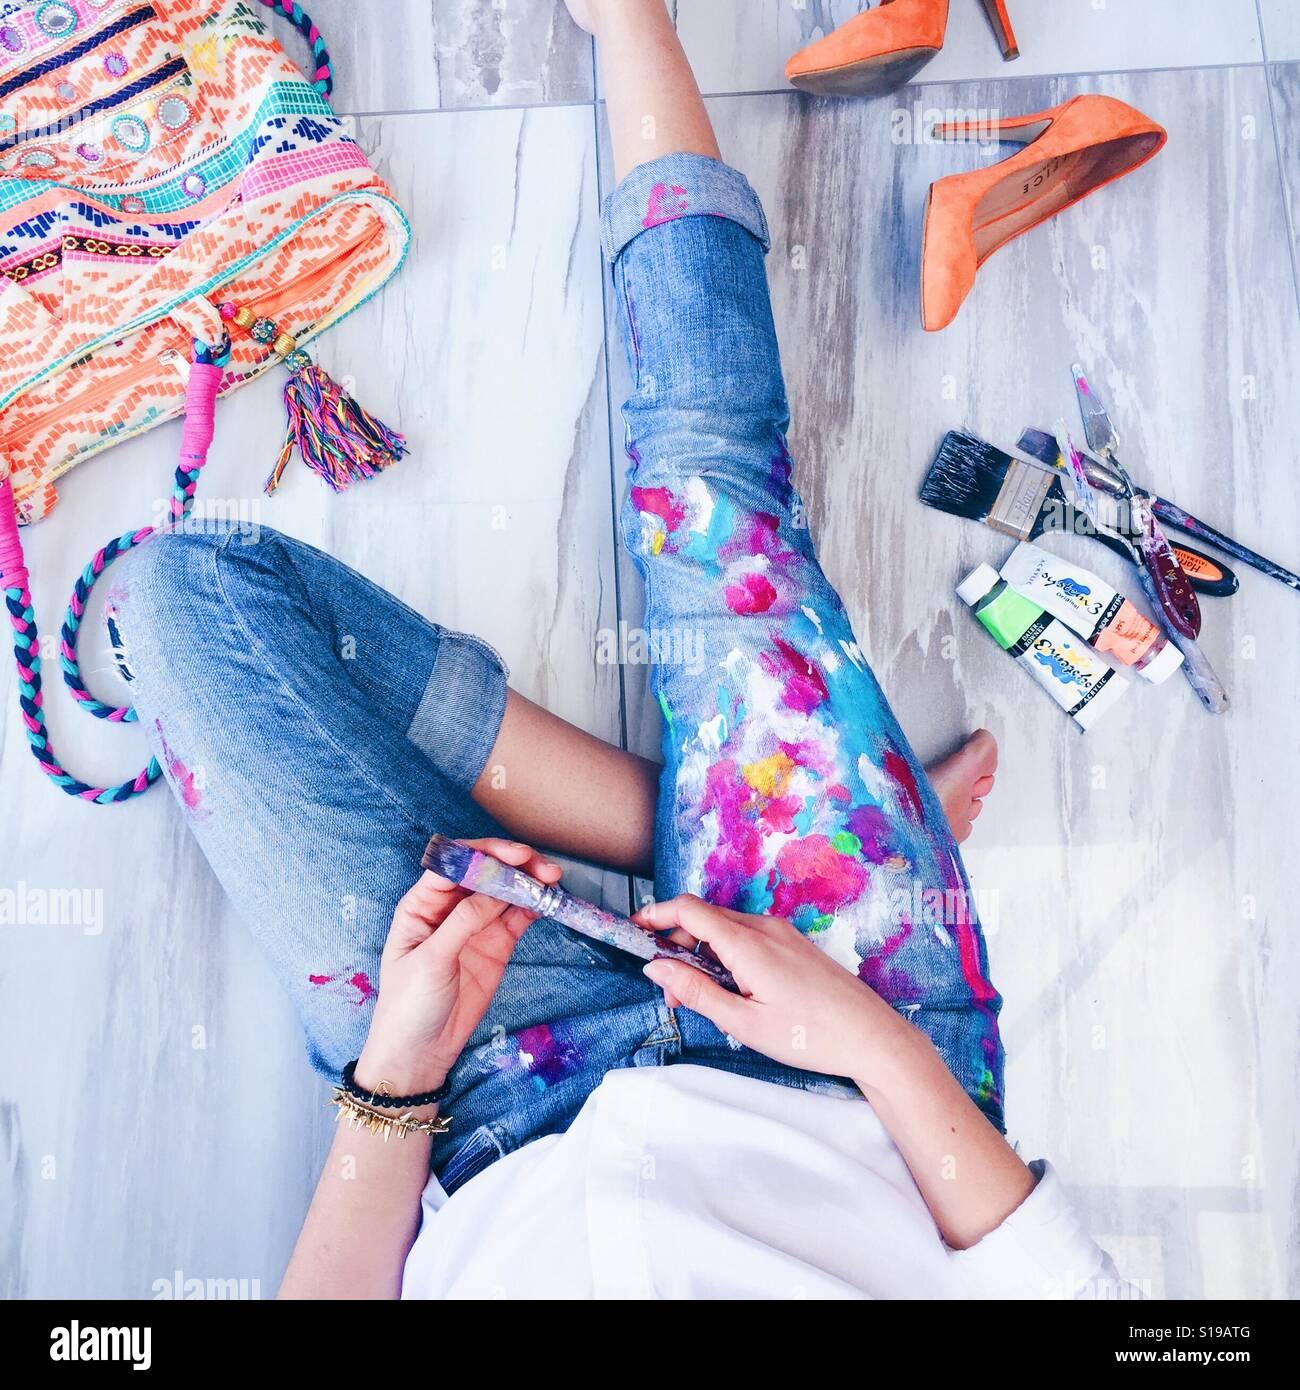 Détente de l'artiste portant des jeans bleu couvert de peinture accessoires de peinture avec des couleurs vives Banque D'Images